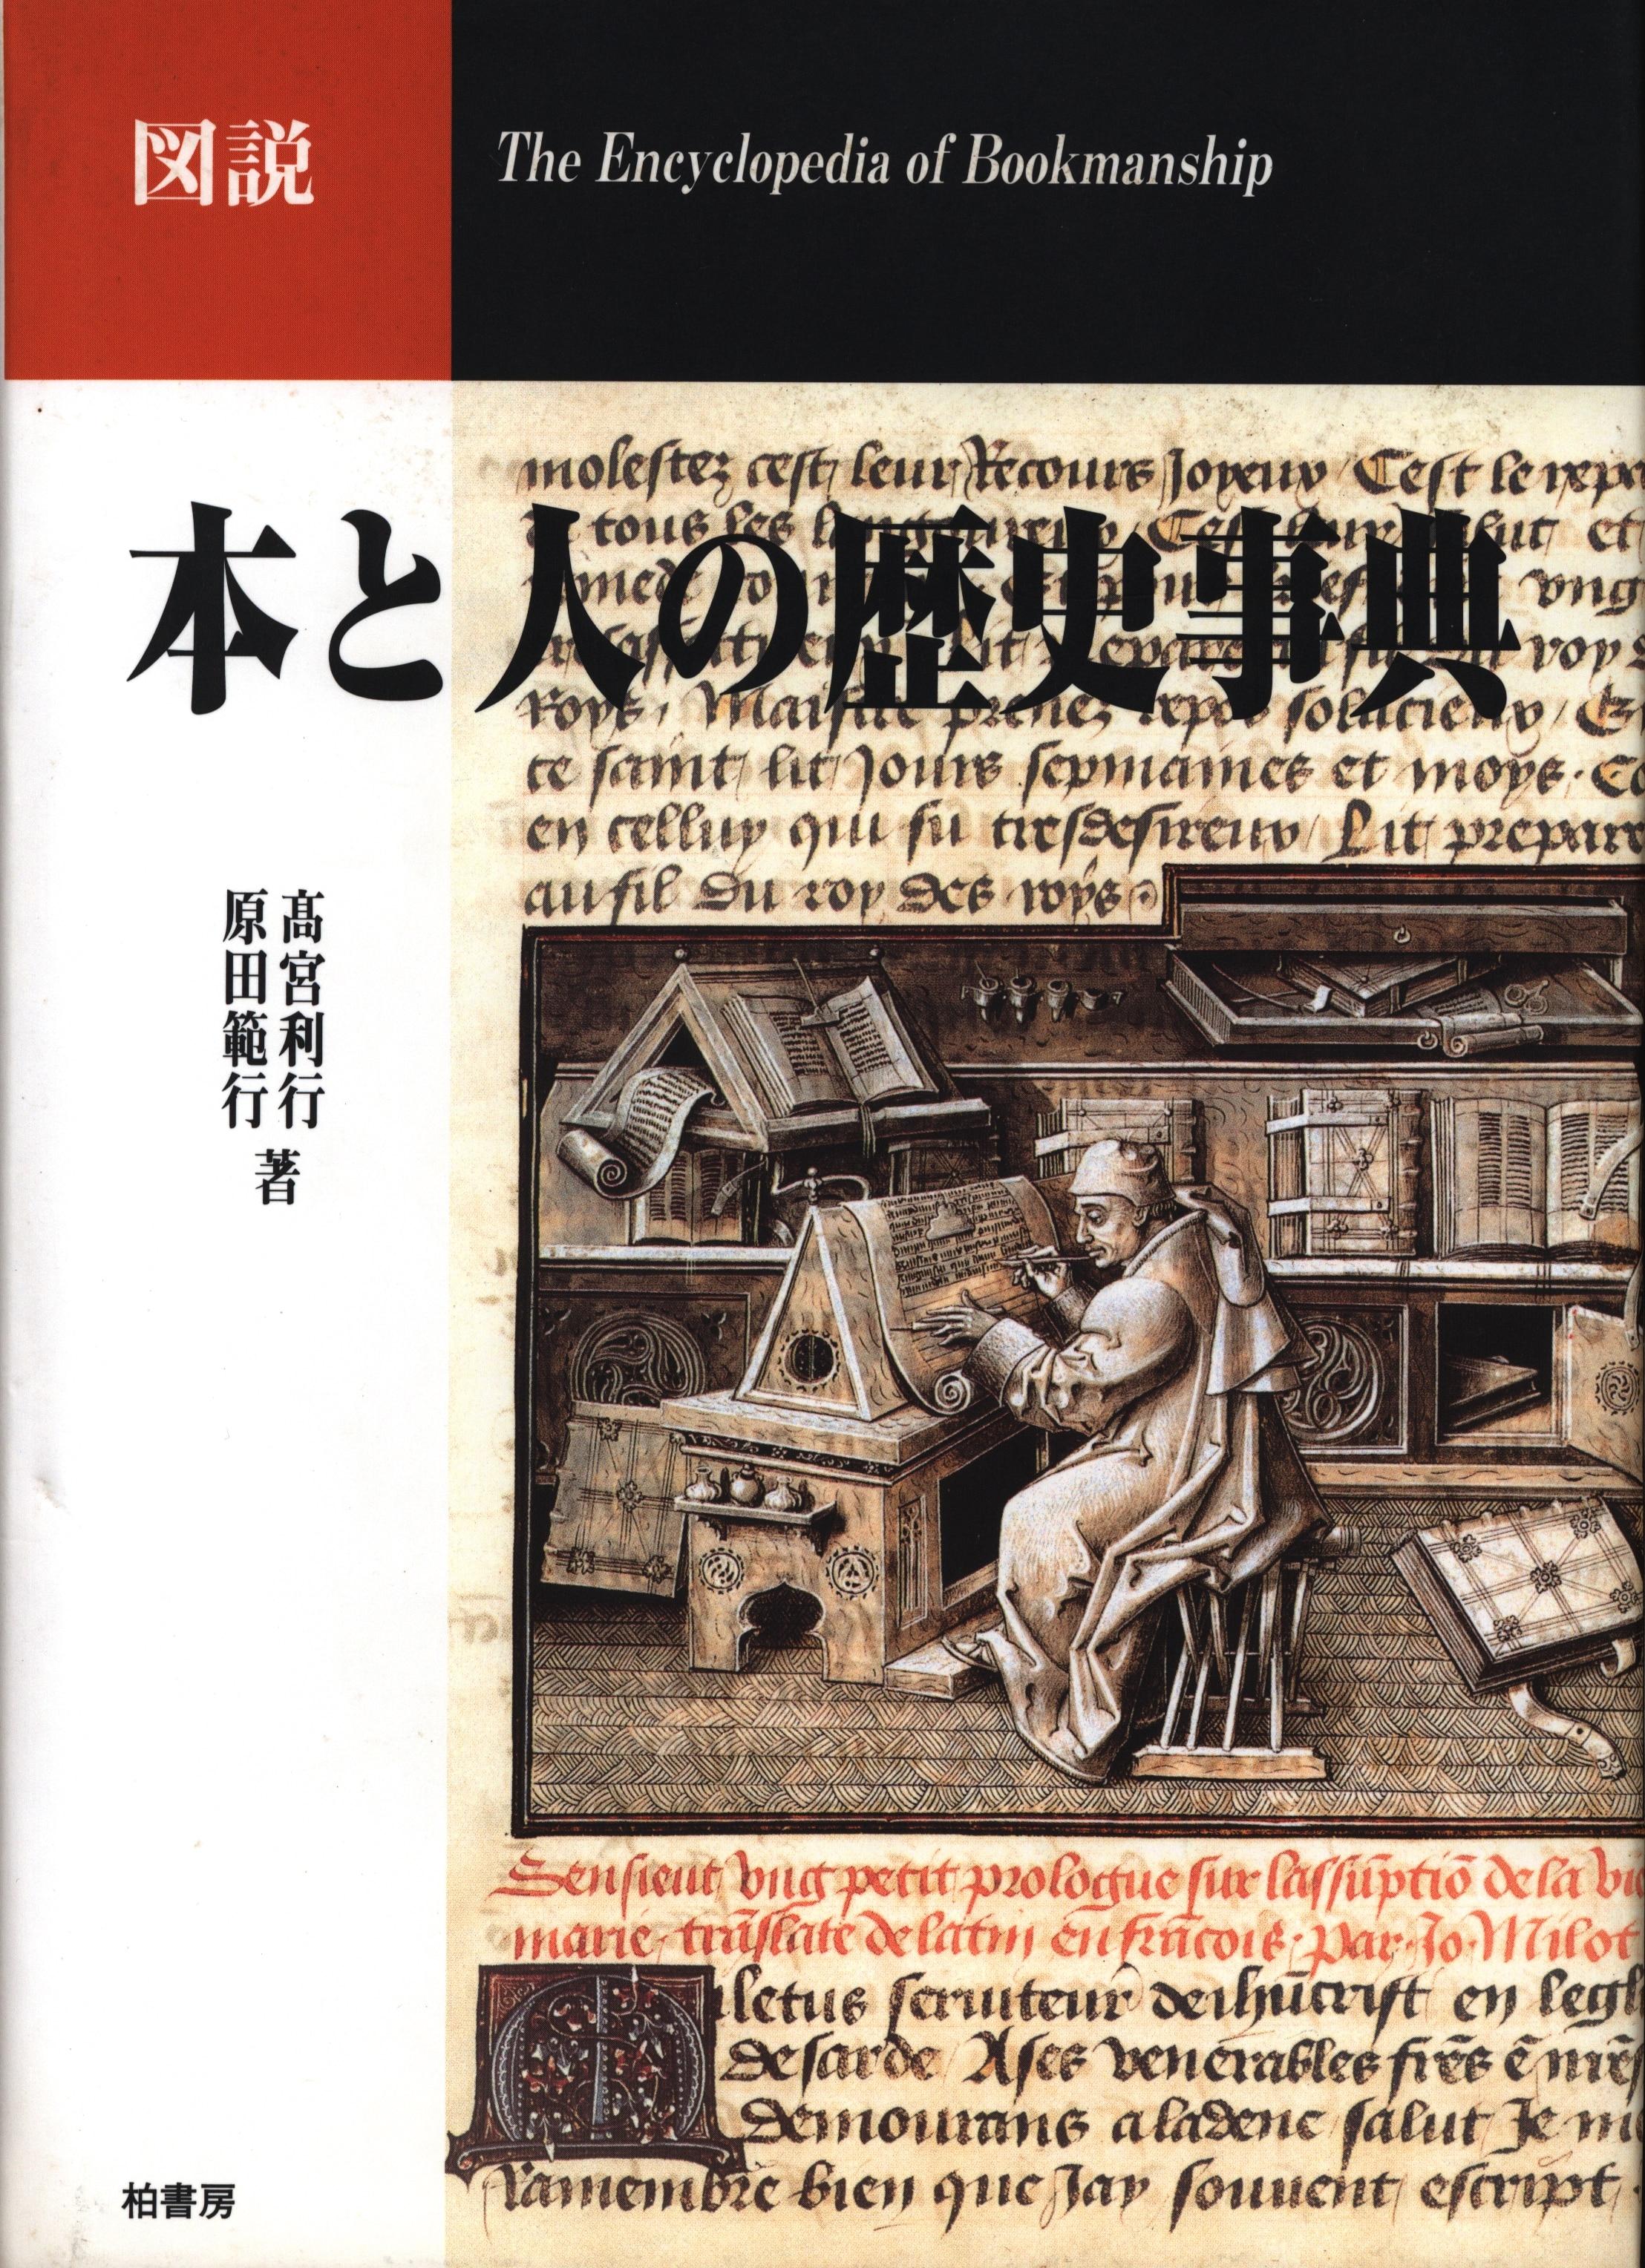 高宮利行/原田範行 図説本と人の歴史事典 | まんだらけ Mandarake